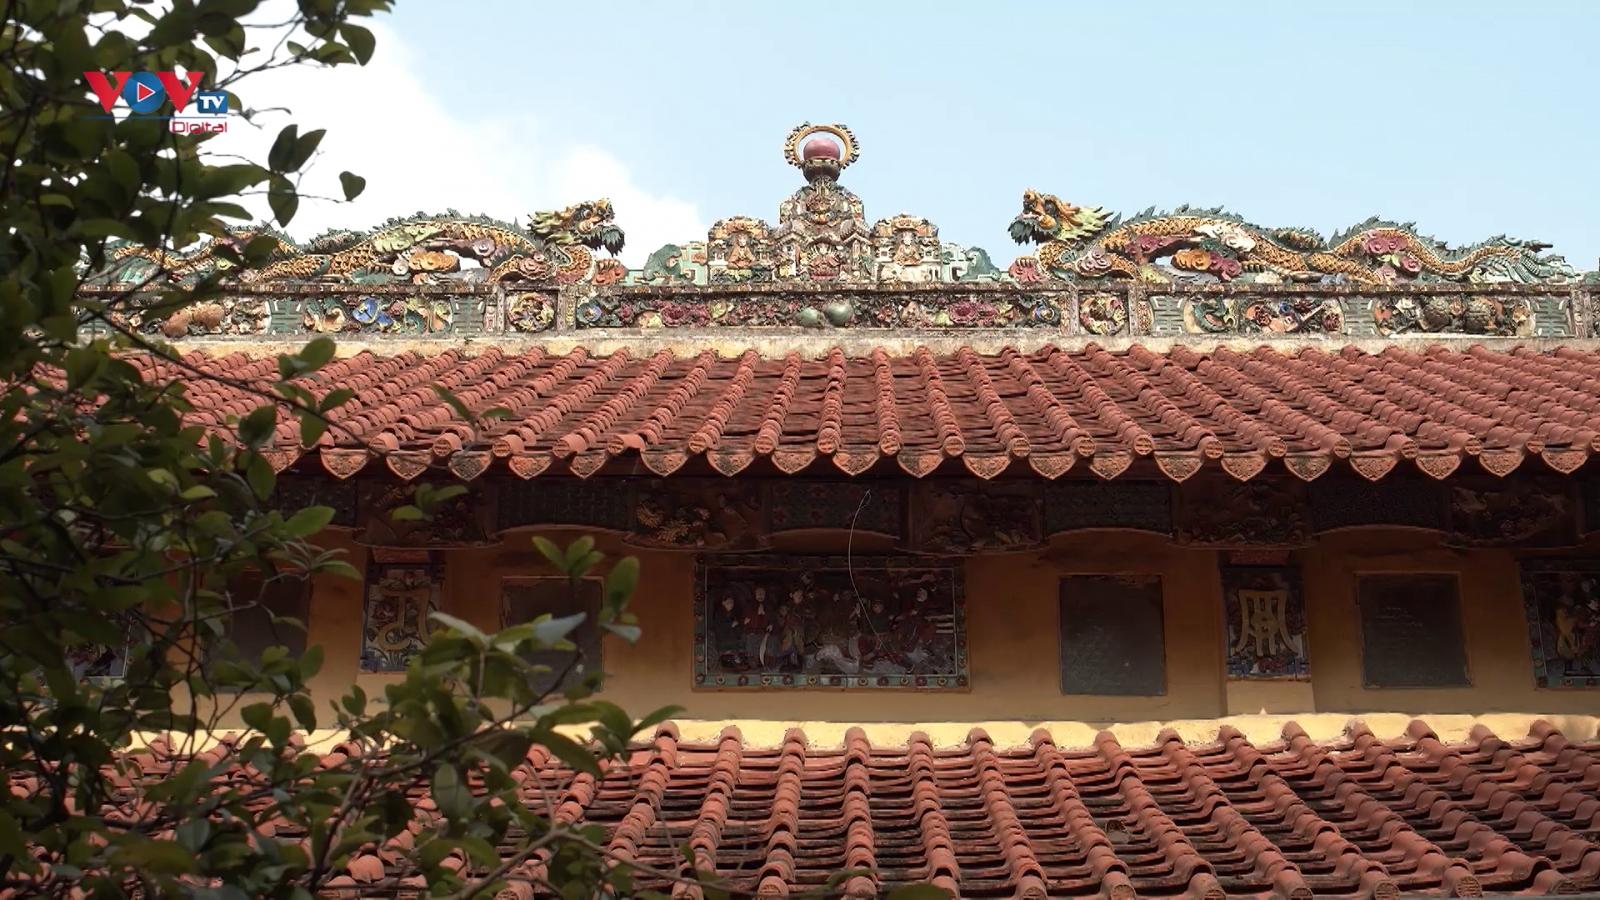 Đặc sắc ngôi chùa gốm sứ Hưng Ký, Hà Nội